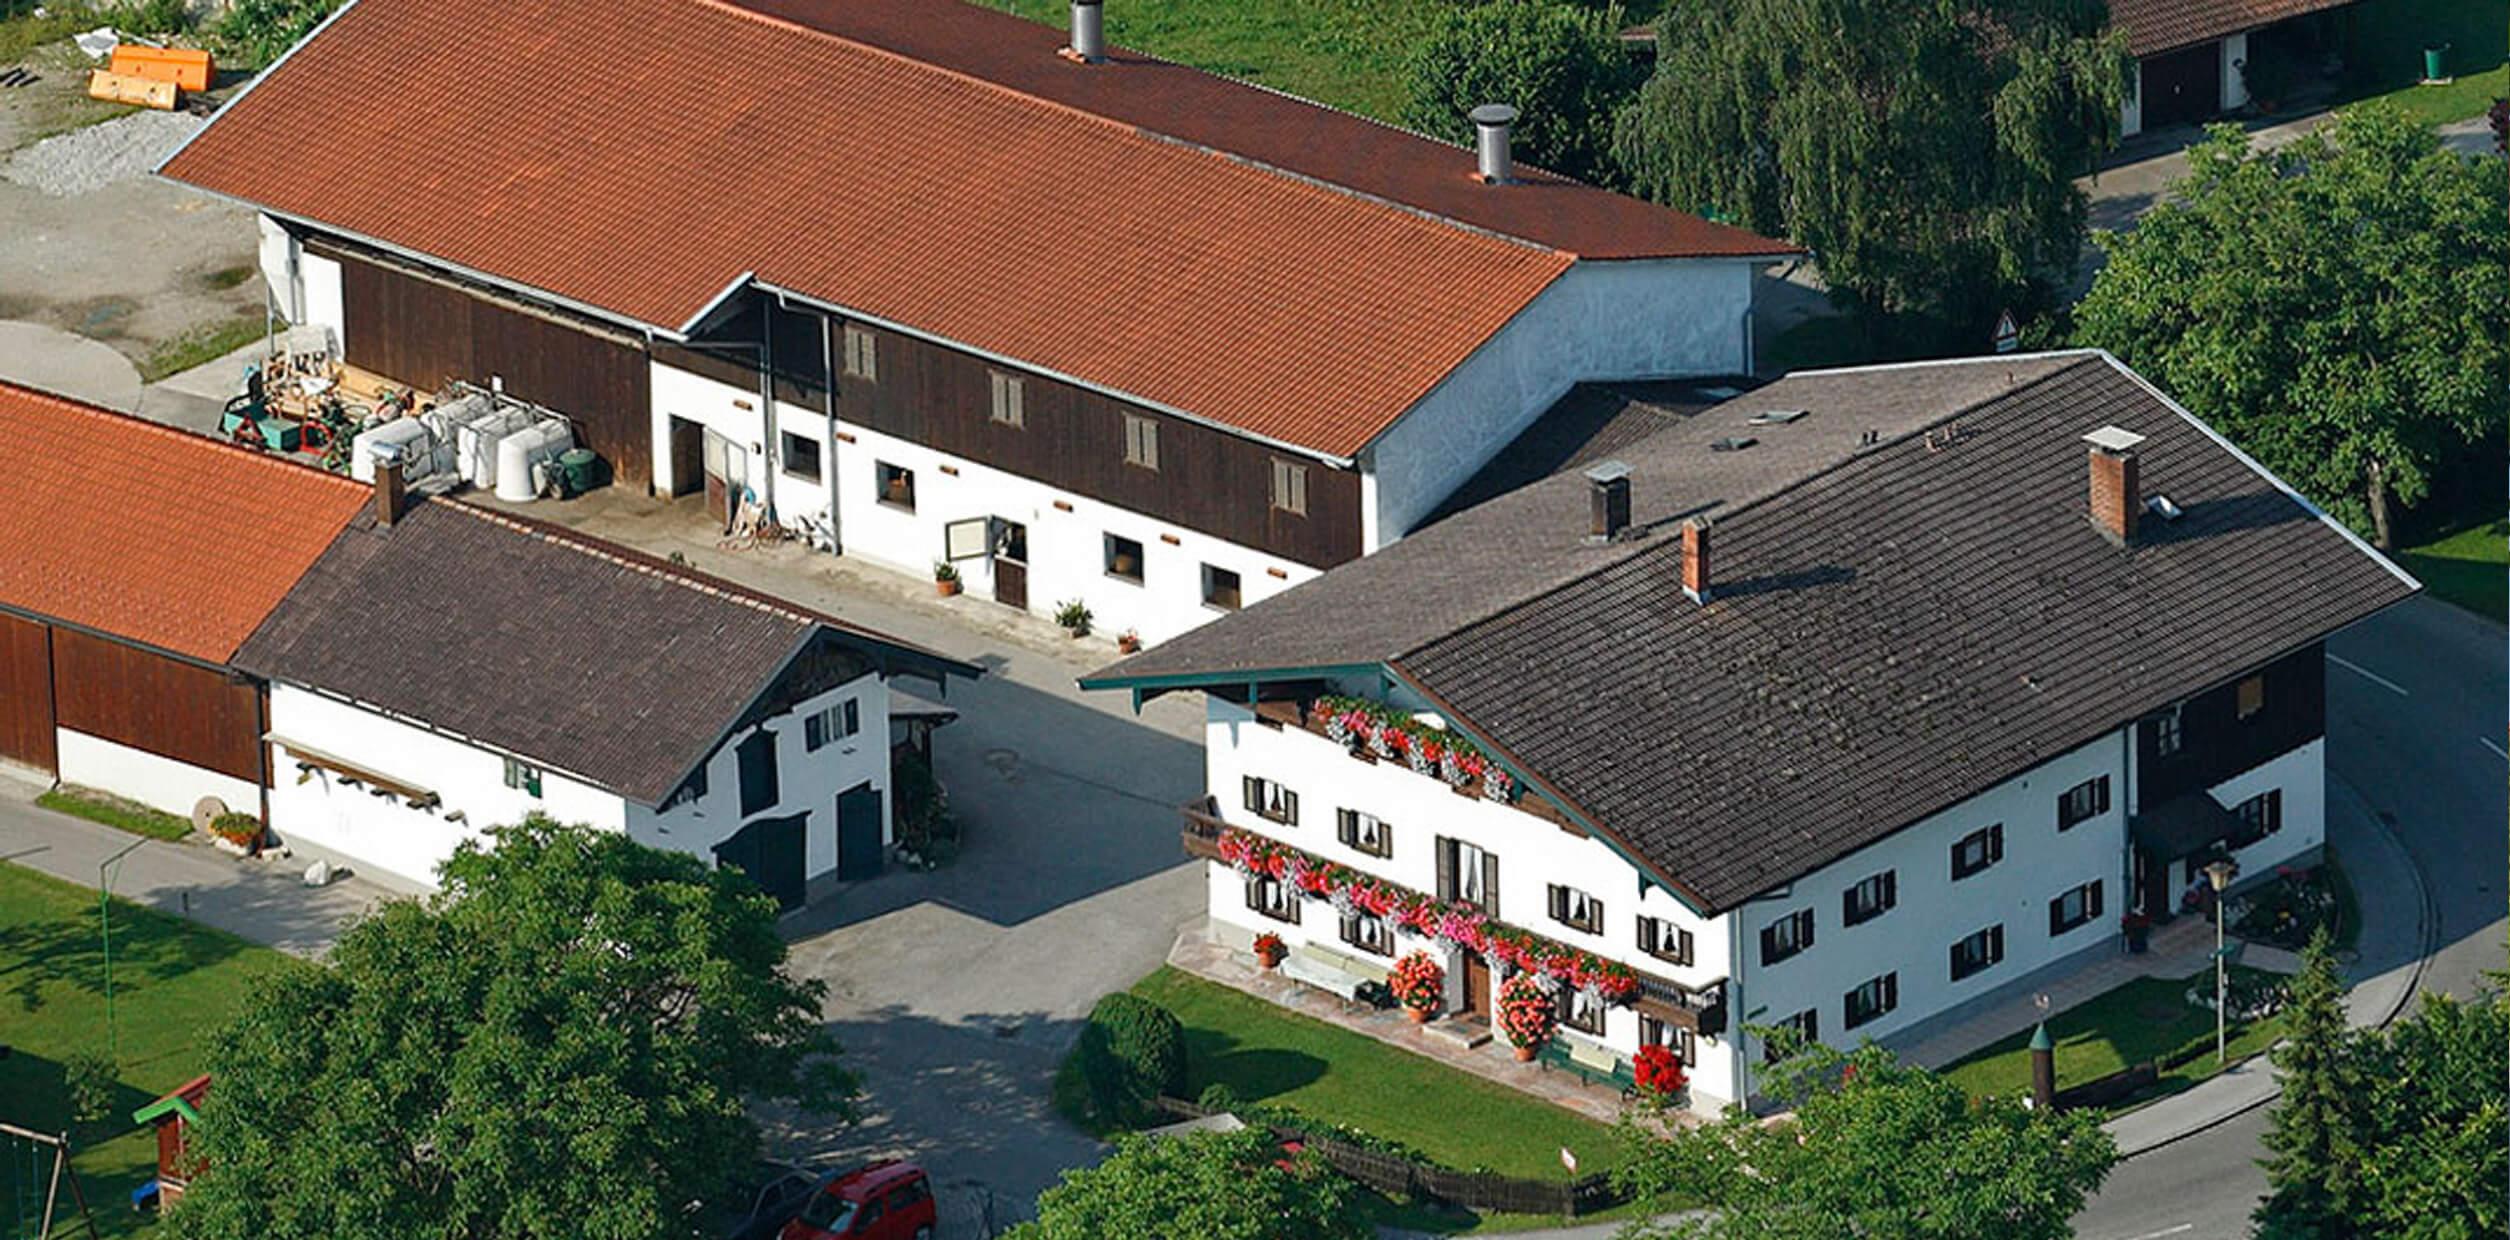 Daurerhof - Aschau im Chiemgau